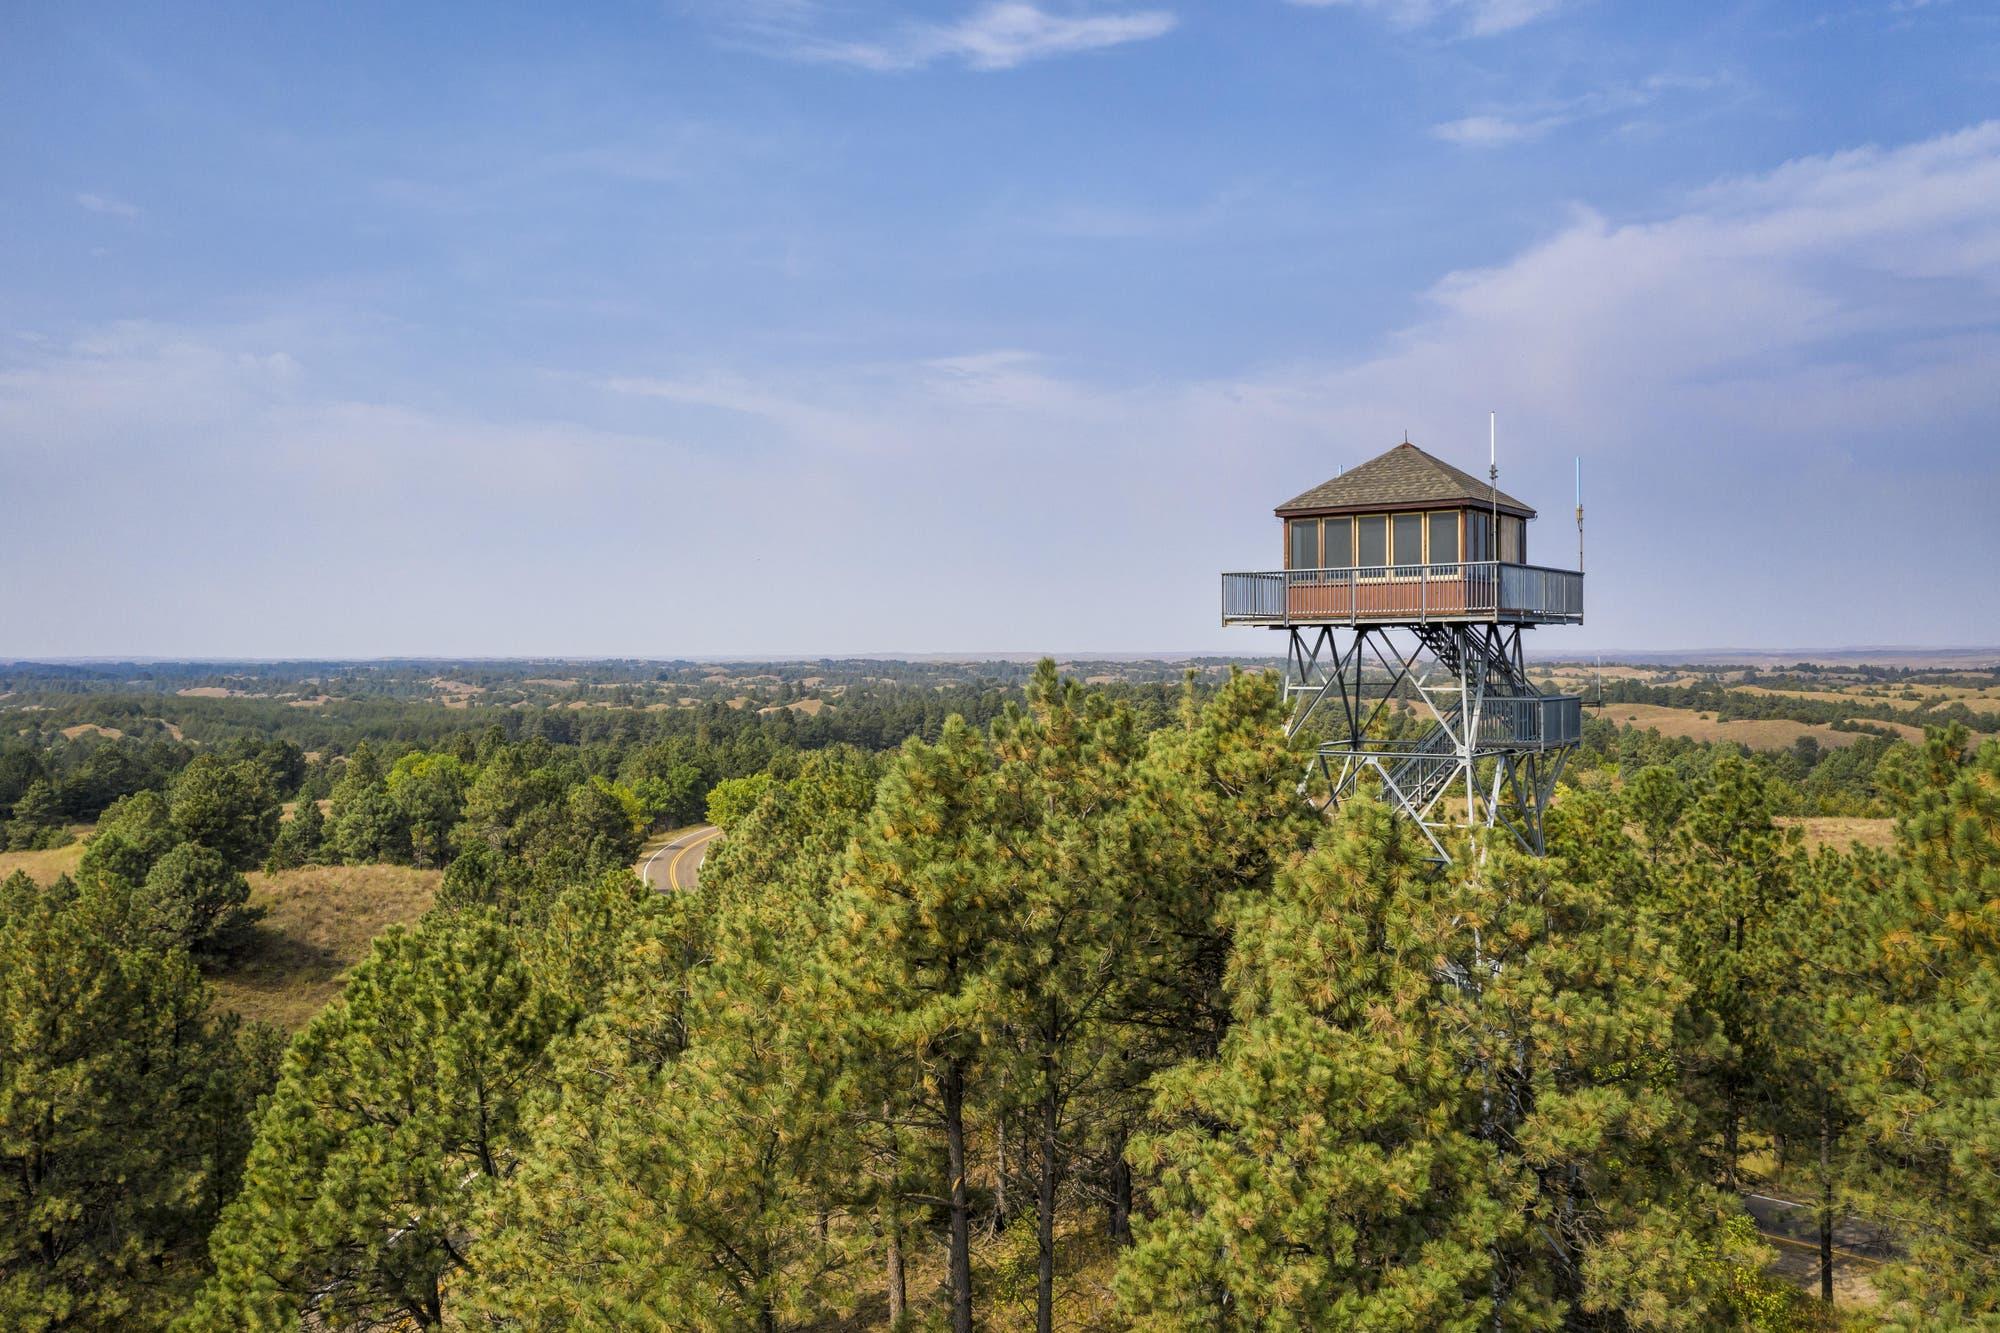 Feuerwachturm in Nebraska